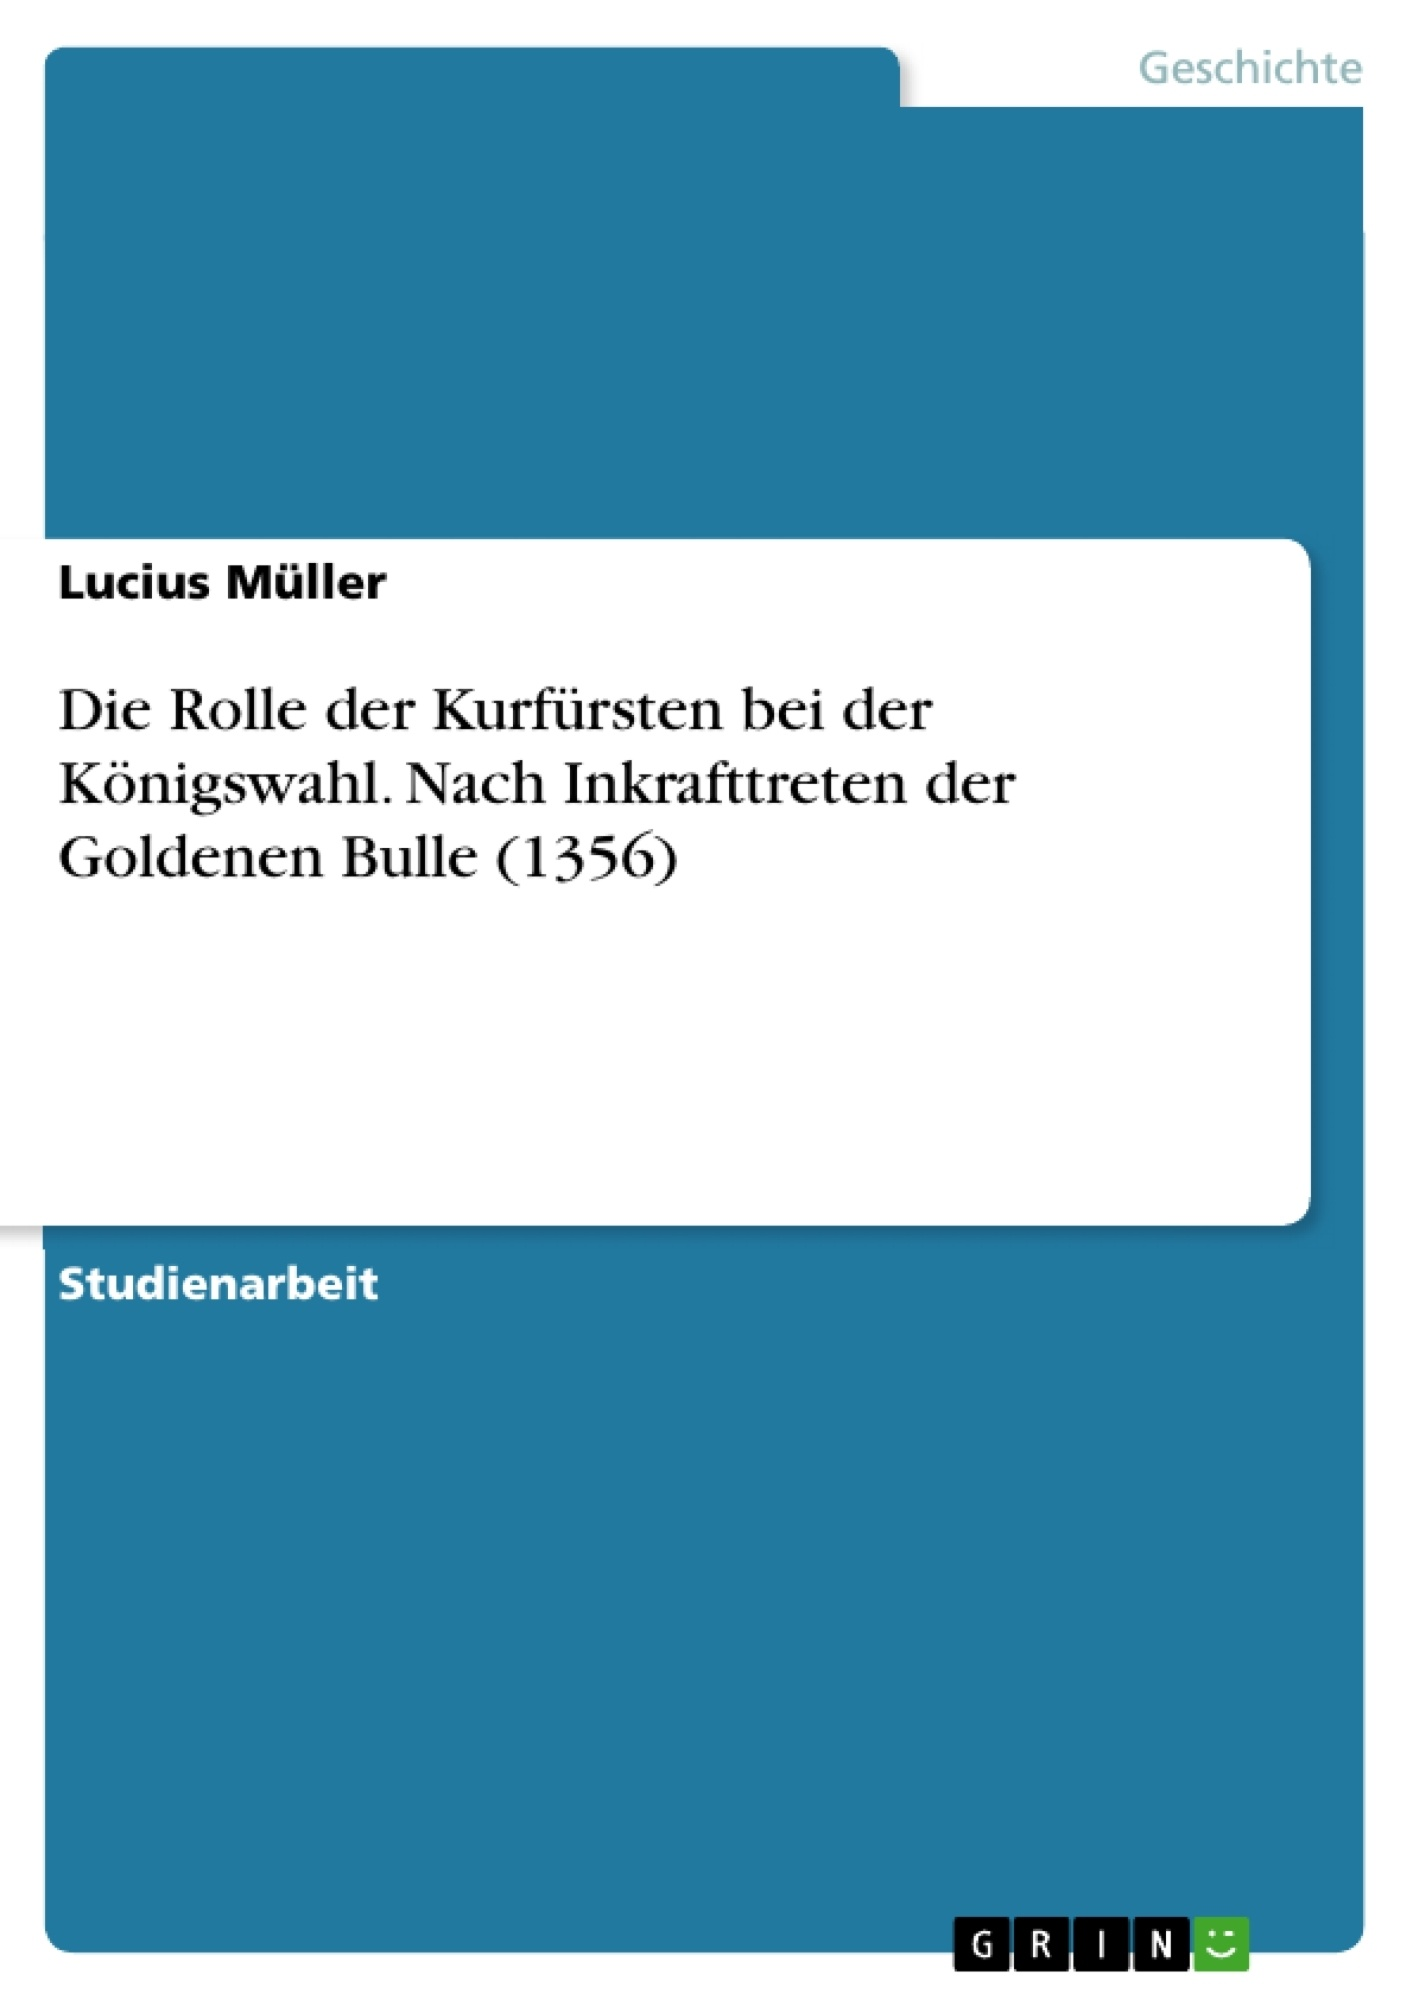 Titel: Die Rolle der Kurfürsten bei der Königswahl. Nach Inkrafttreten der Goldenen Bulle (1356)